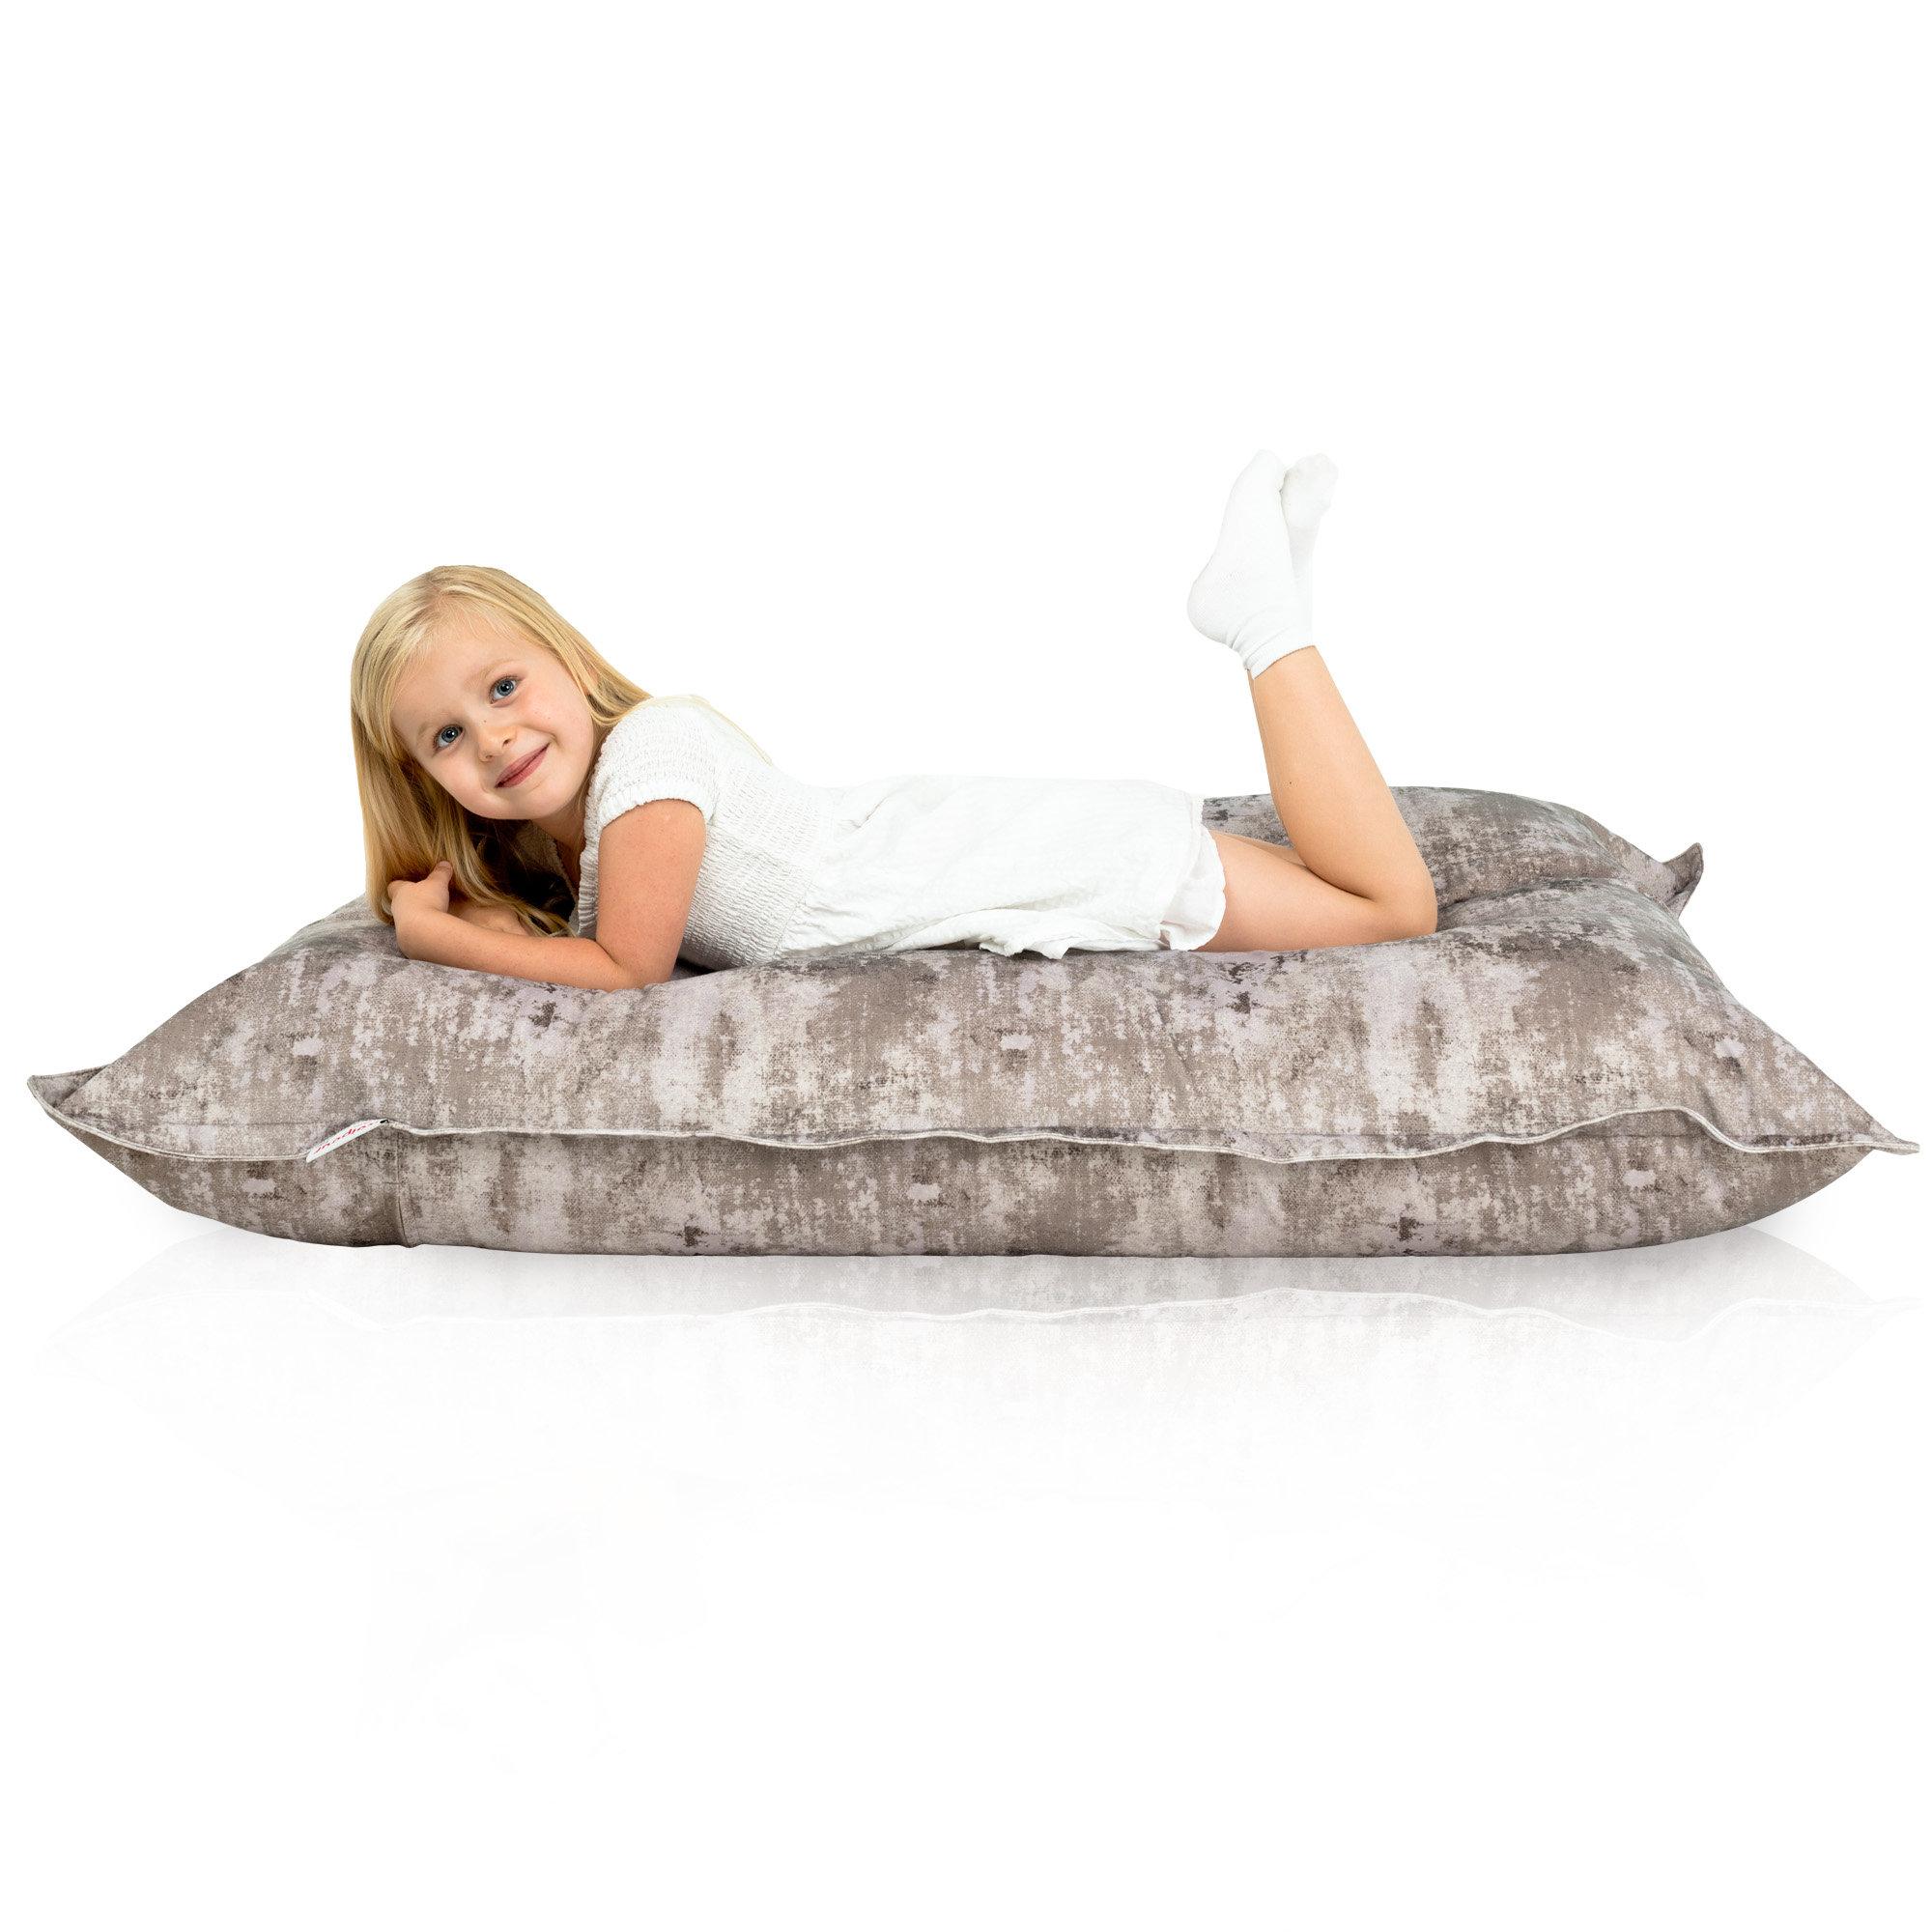 Pouf sacco per bambini il tessuto innocuo ai bambini - Sacco letto per bambini ...